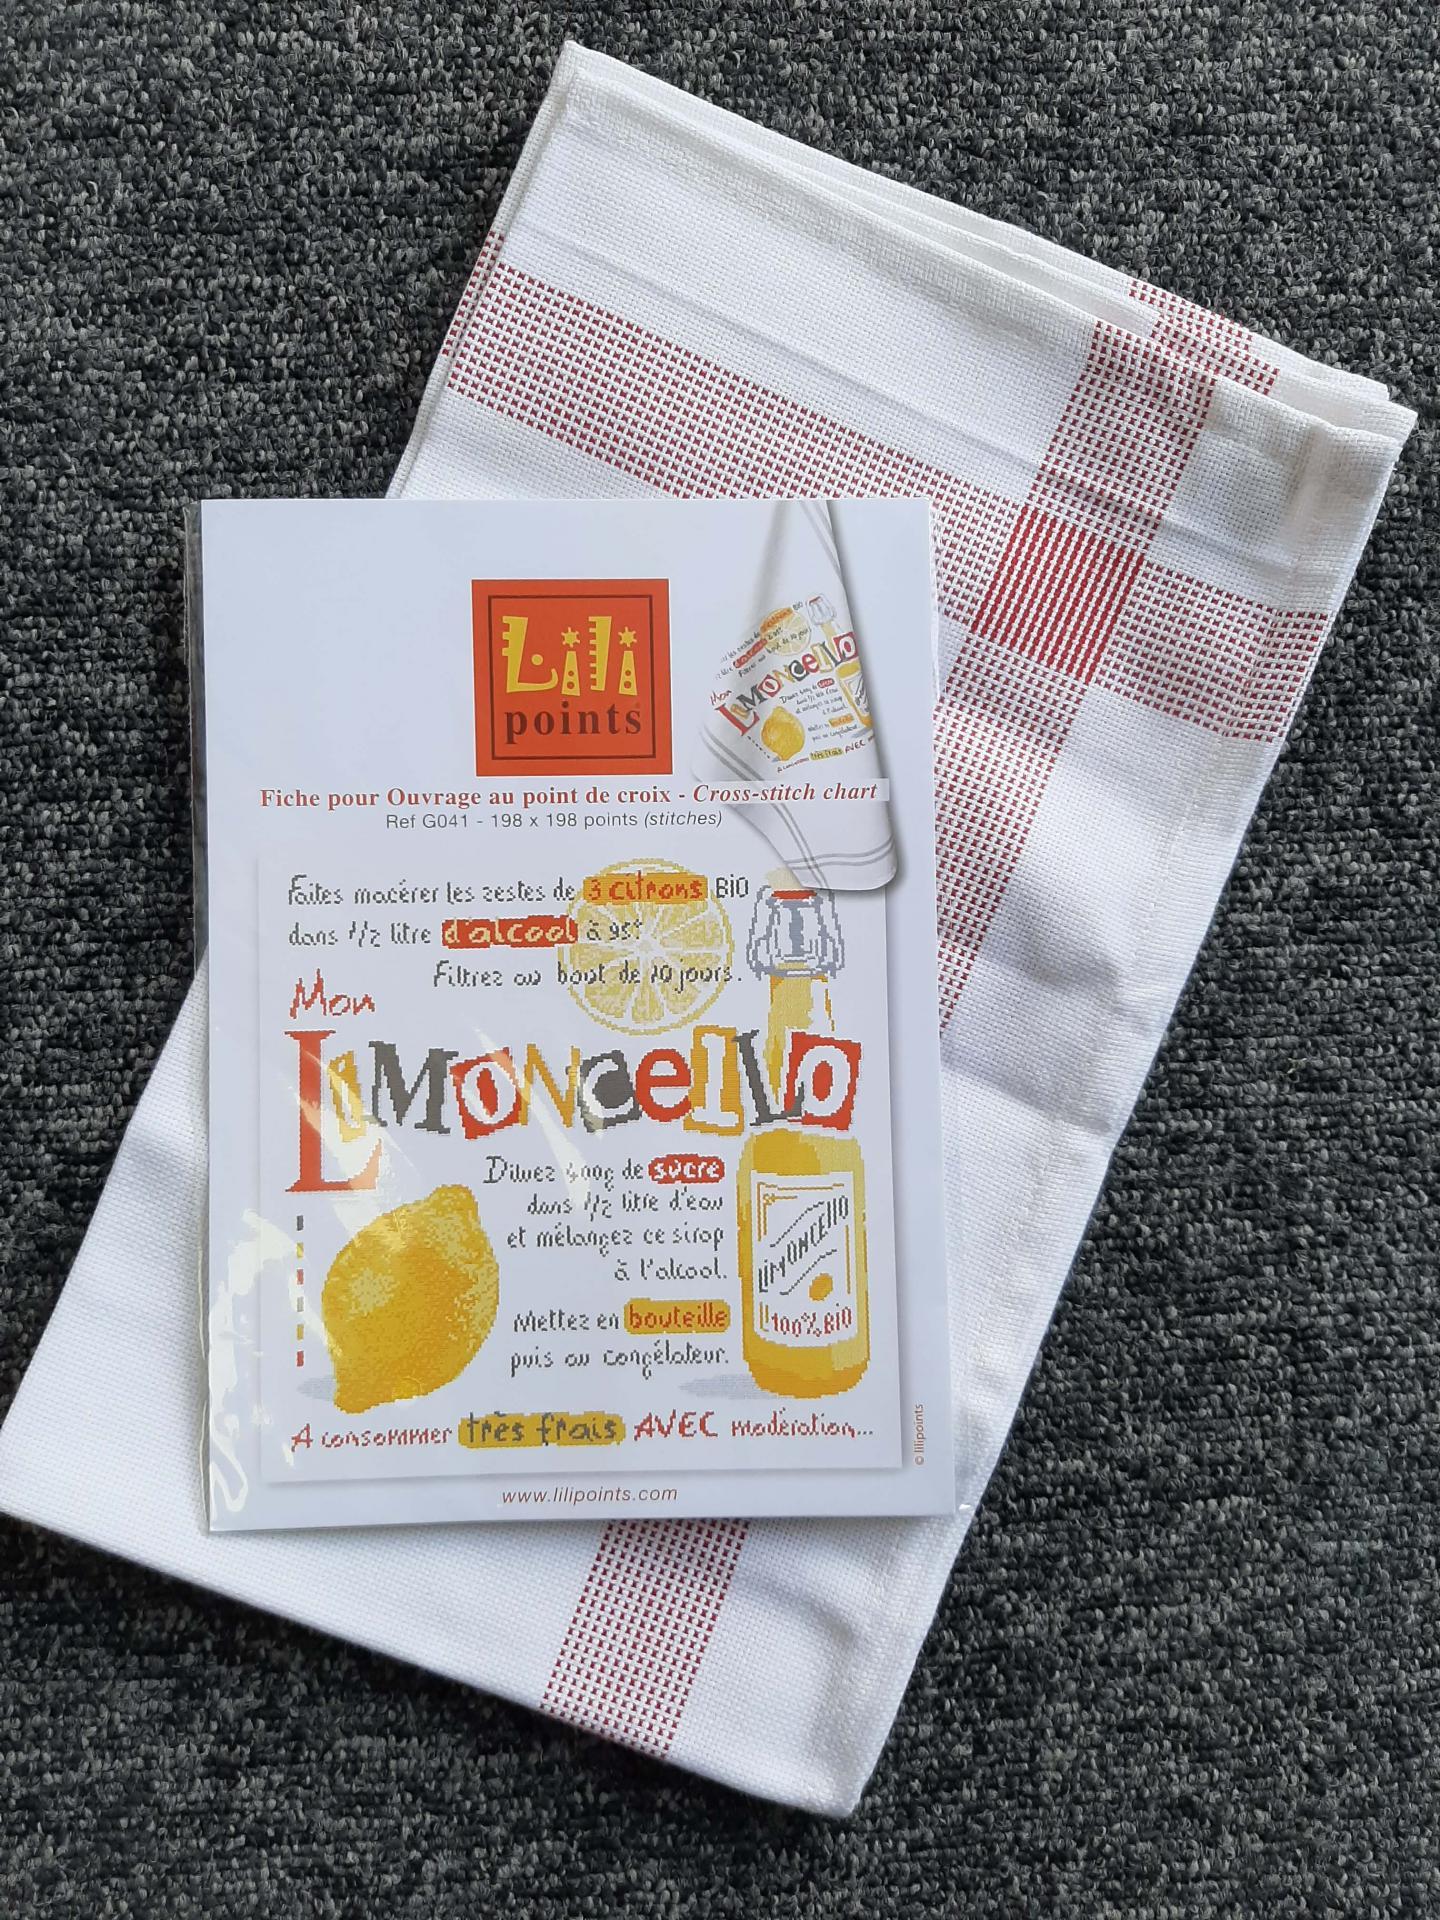 Kit limoncello g041 lilipoints avec torchon bonn rouge et fils dmc